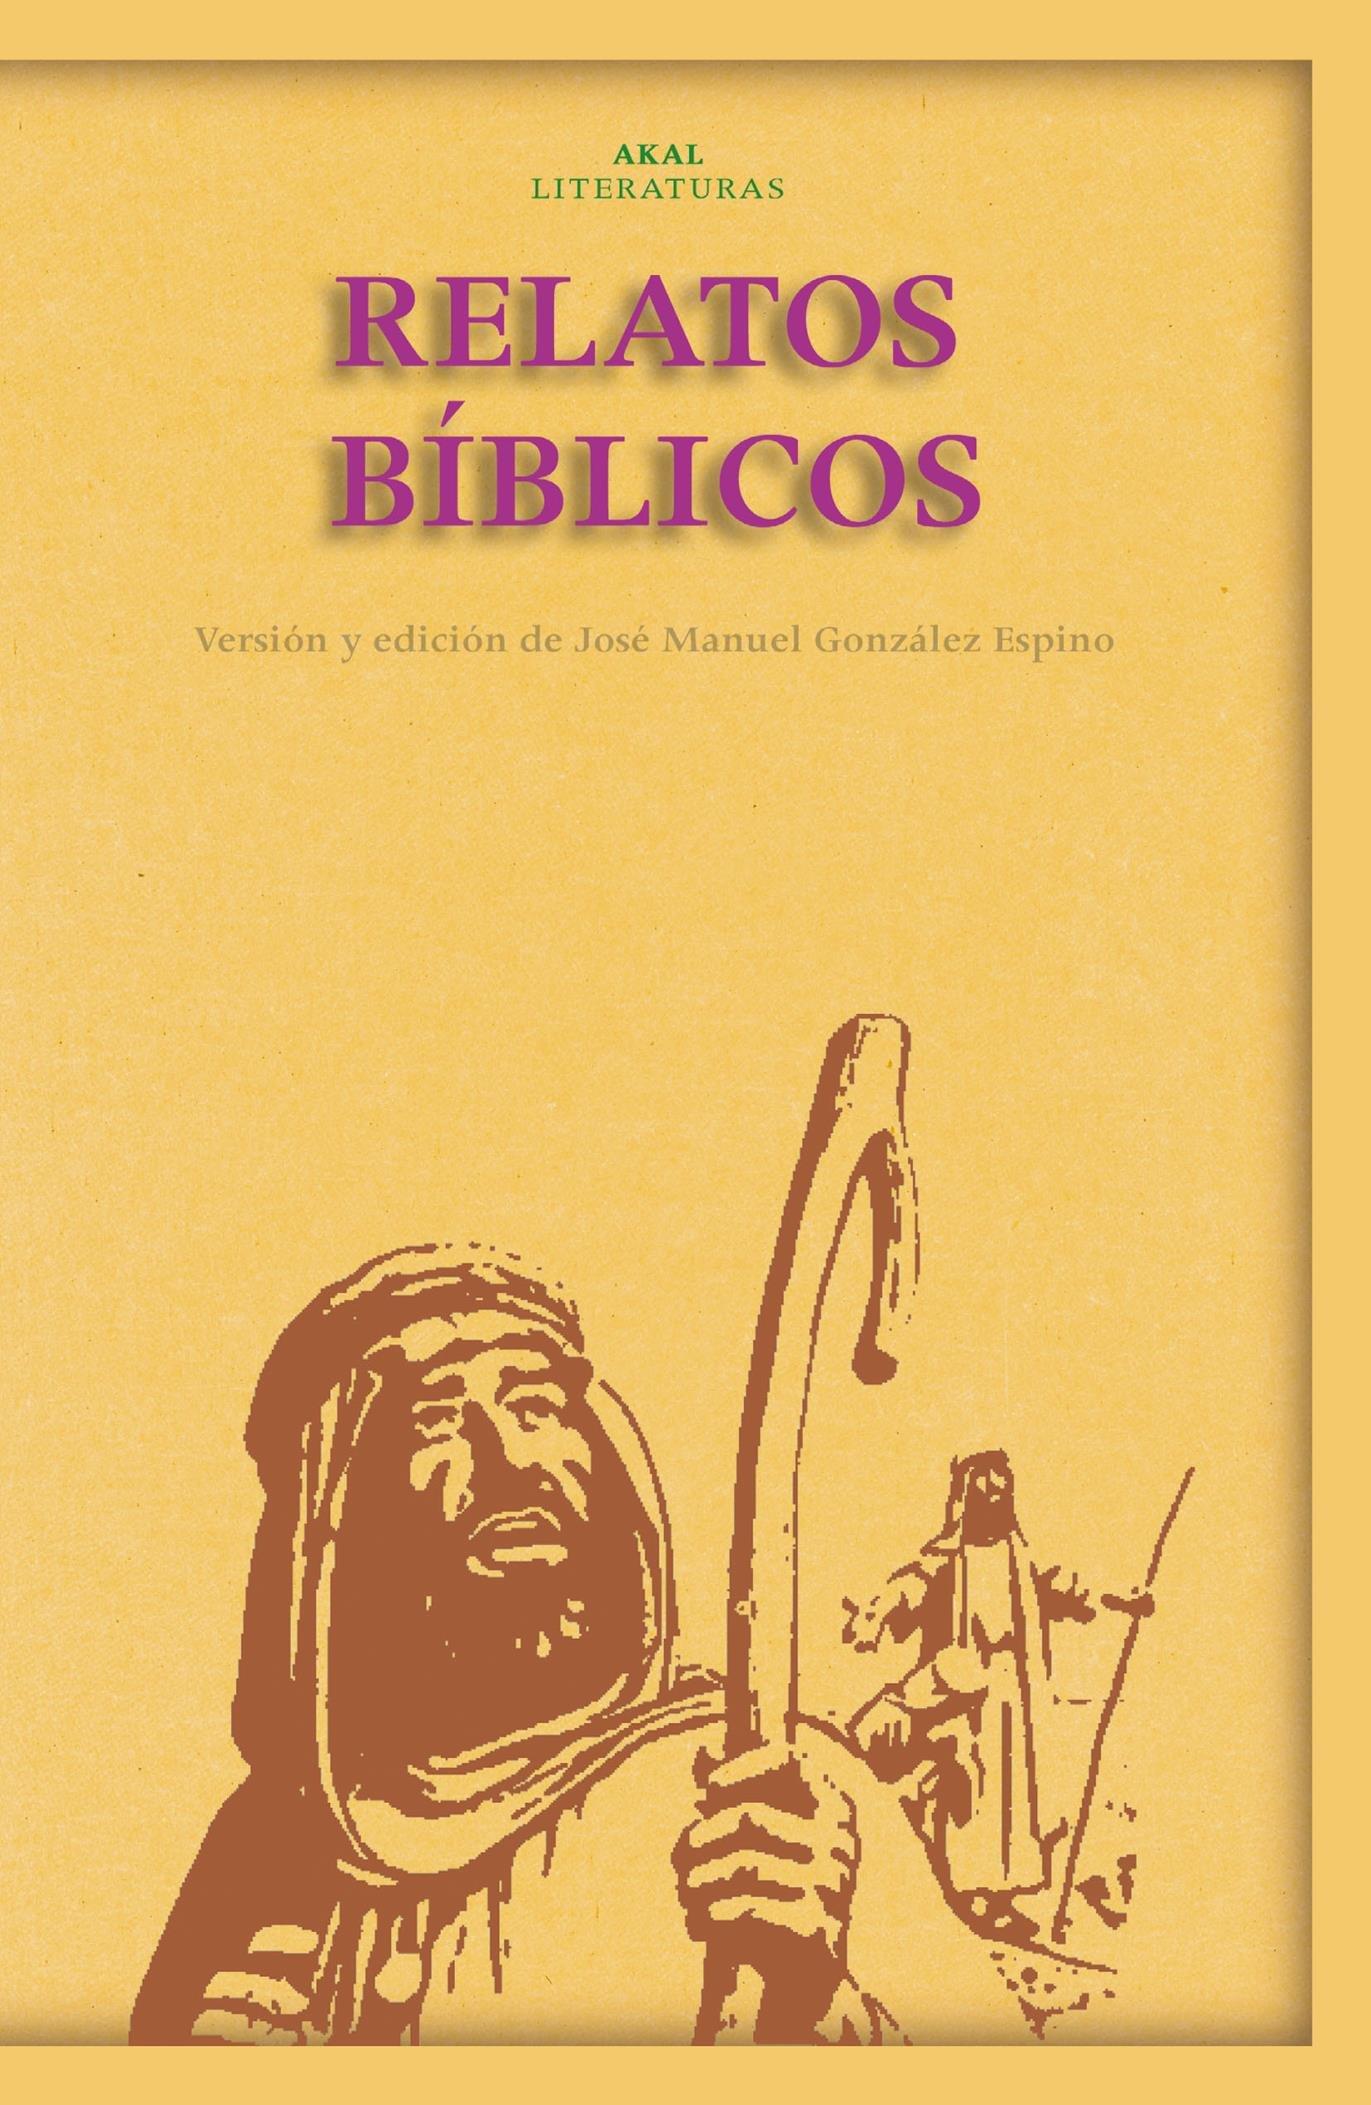 Relatos bíblicos: 28 (Akal Literaturas): Amazon.es: Gonzalez Espino, Jose Manuel: Libros